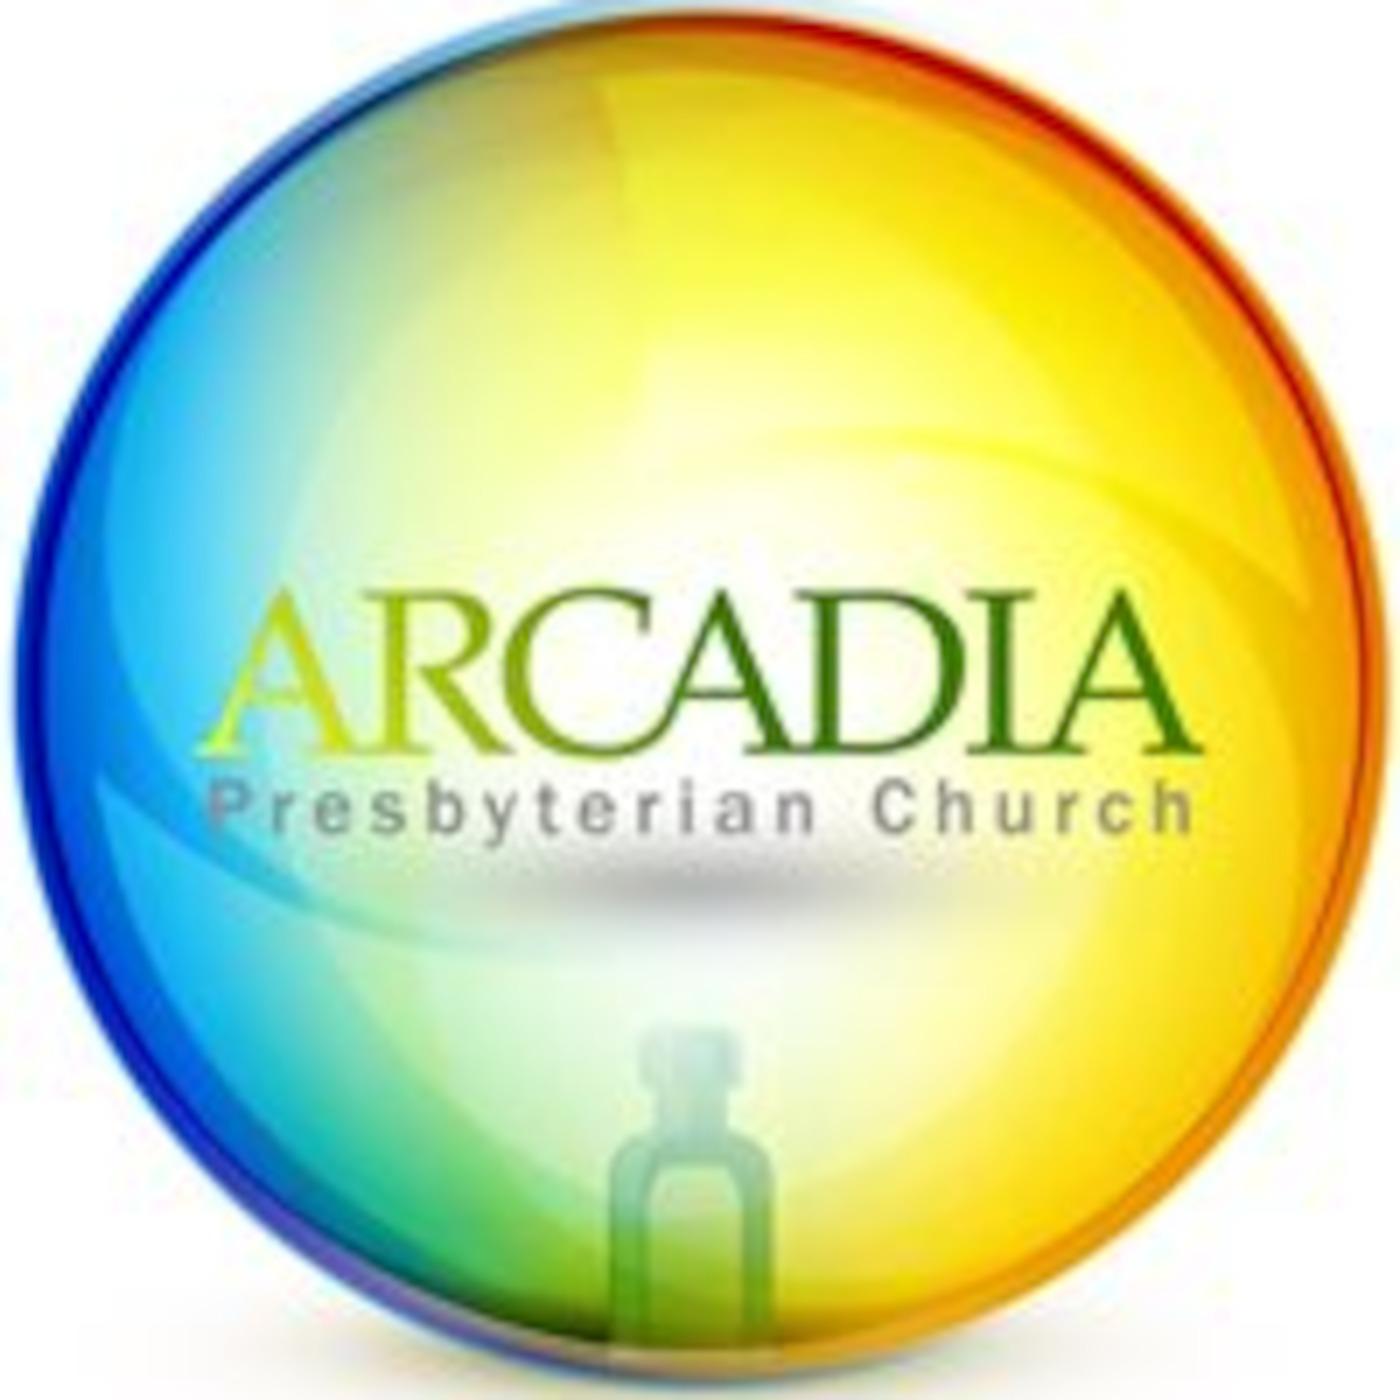 Arcadia Presbyterian Church Official Podcast